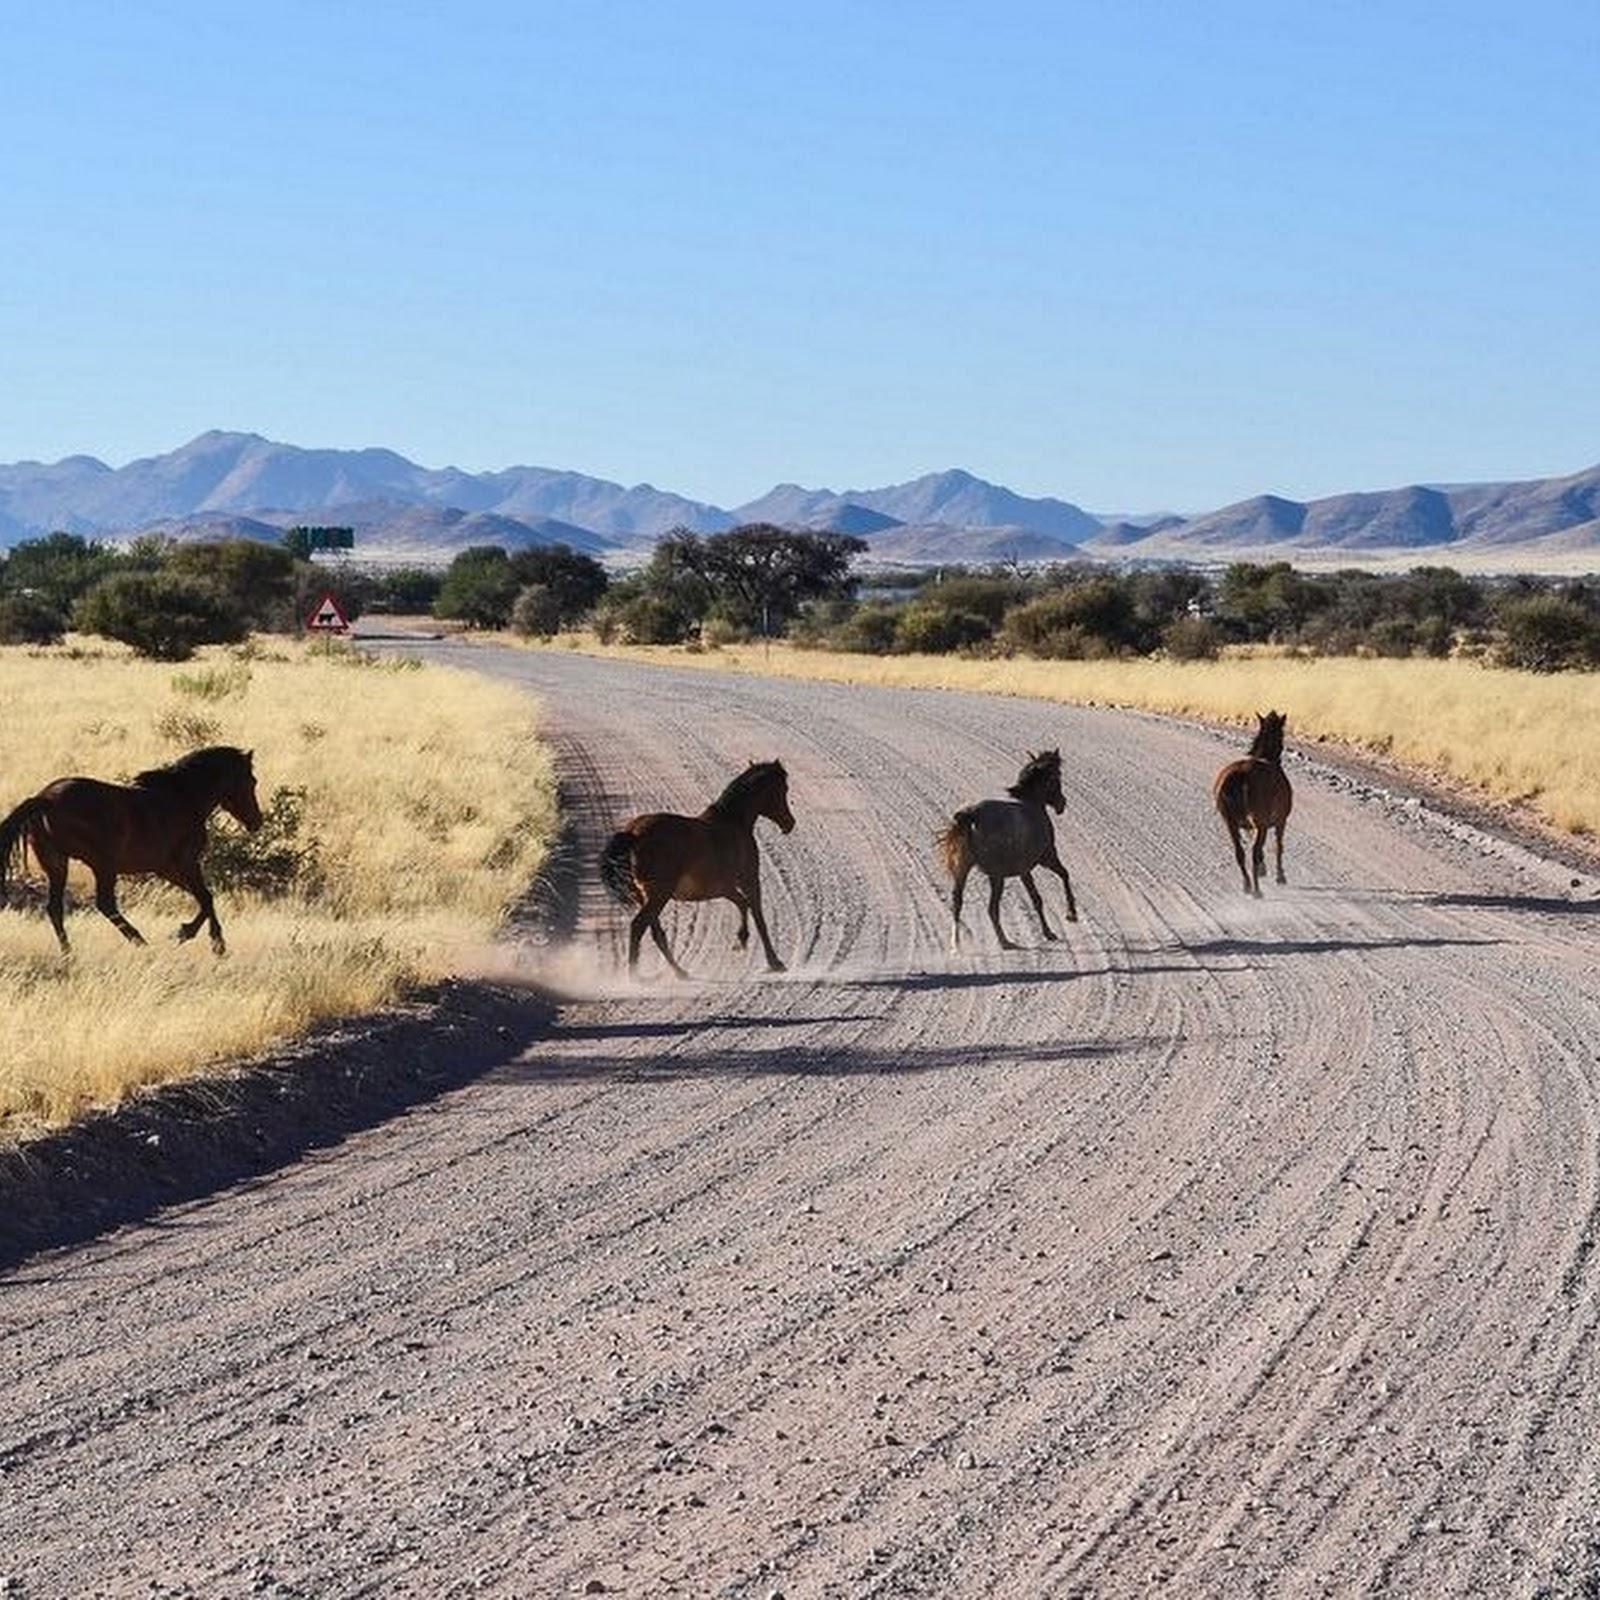 The Wild Horses of Namib Desert